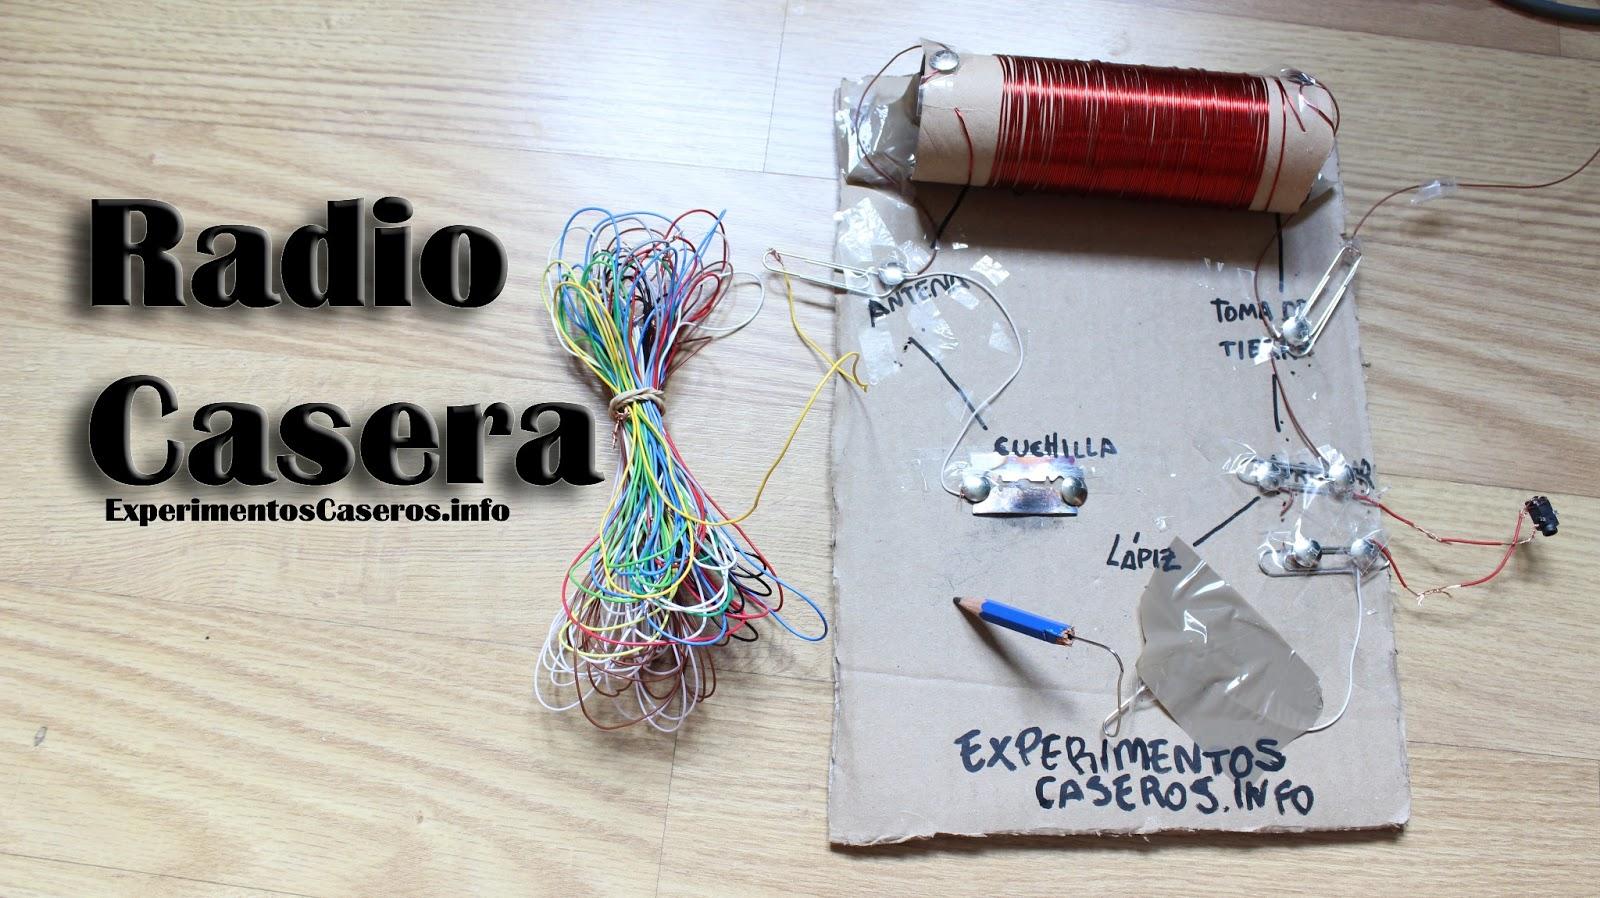 Cómo hacer una radio casera, foxhole radio, experimentos caseros